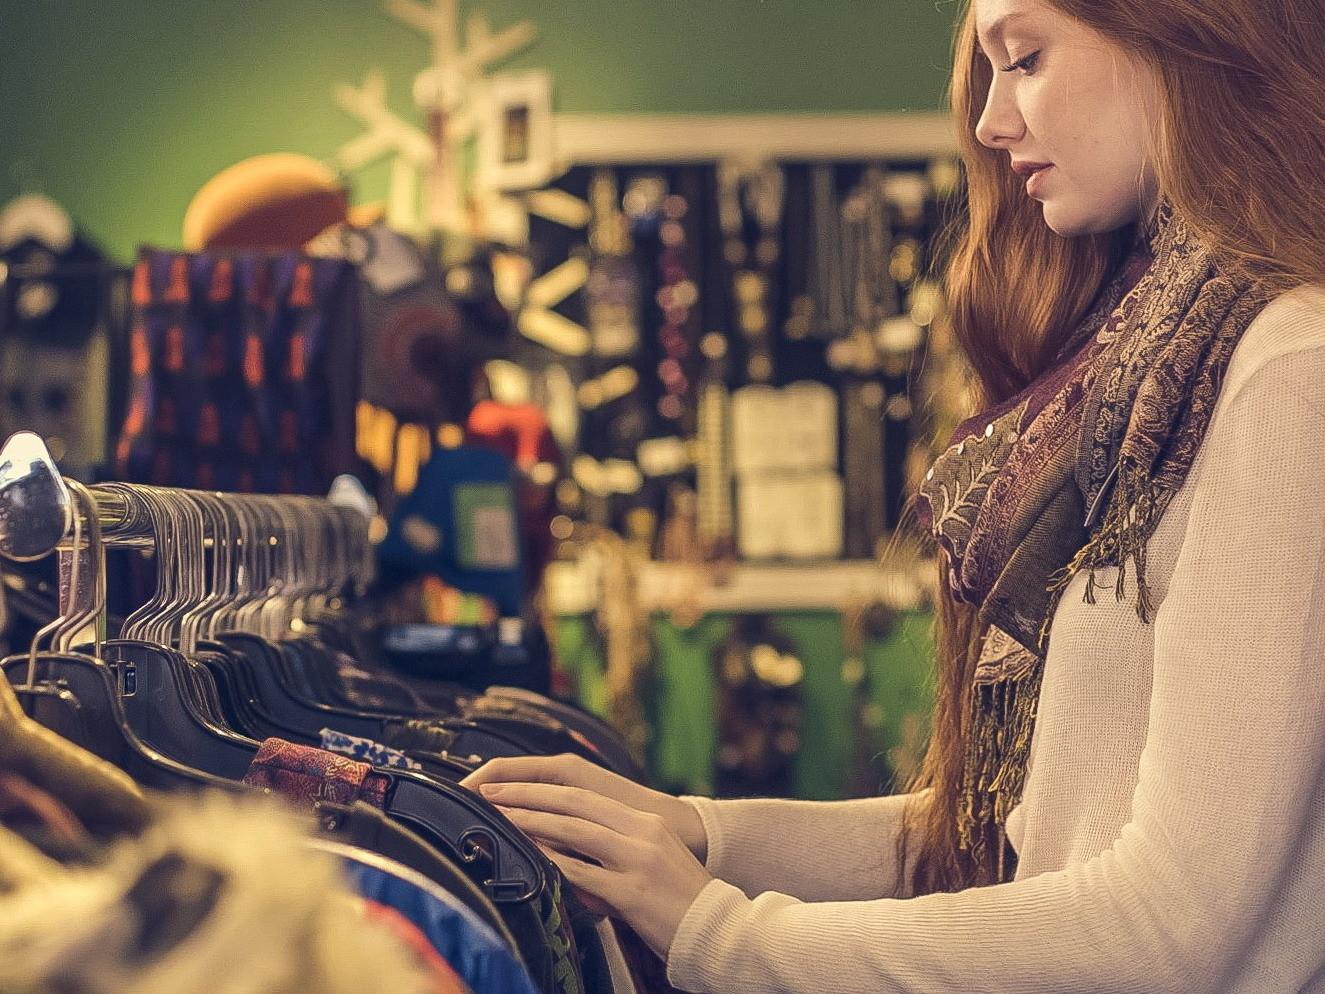 ▲4步驟教你鑑定衣服品質好壞。(圖/取自LibreStock)